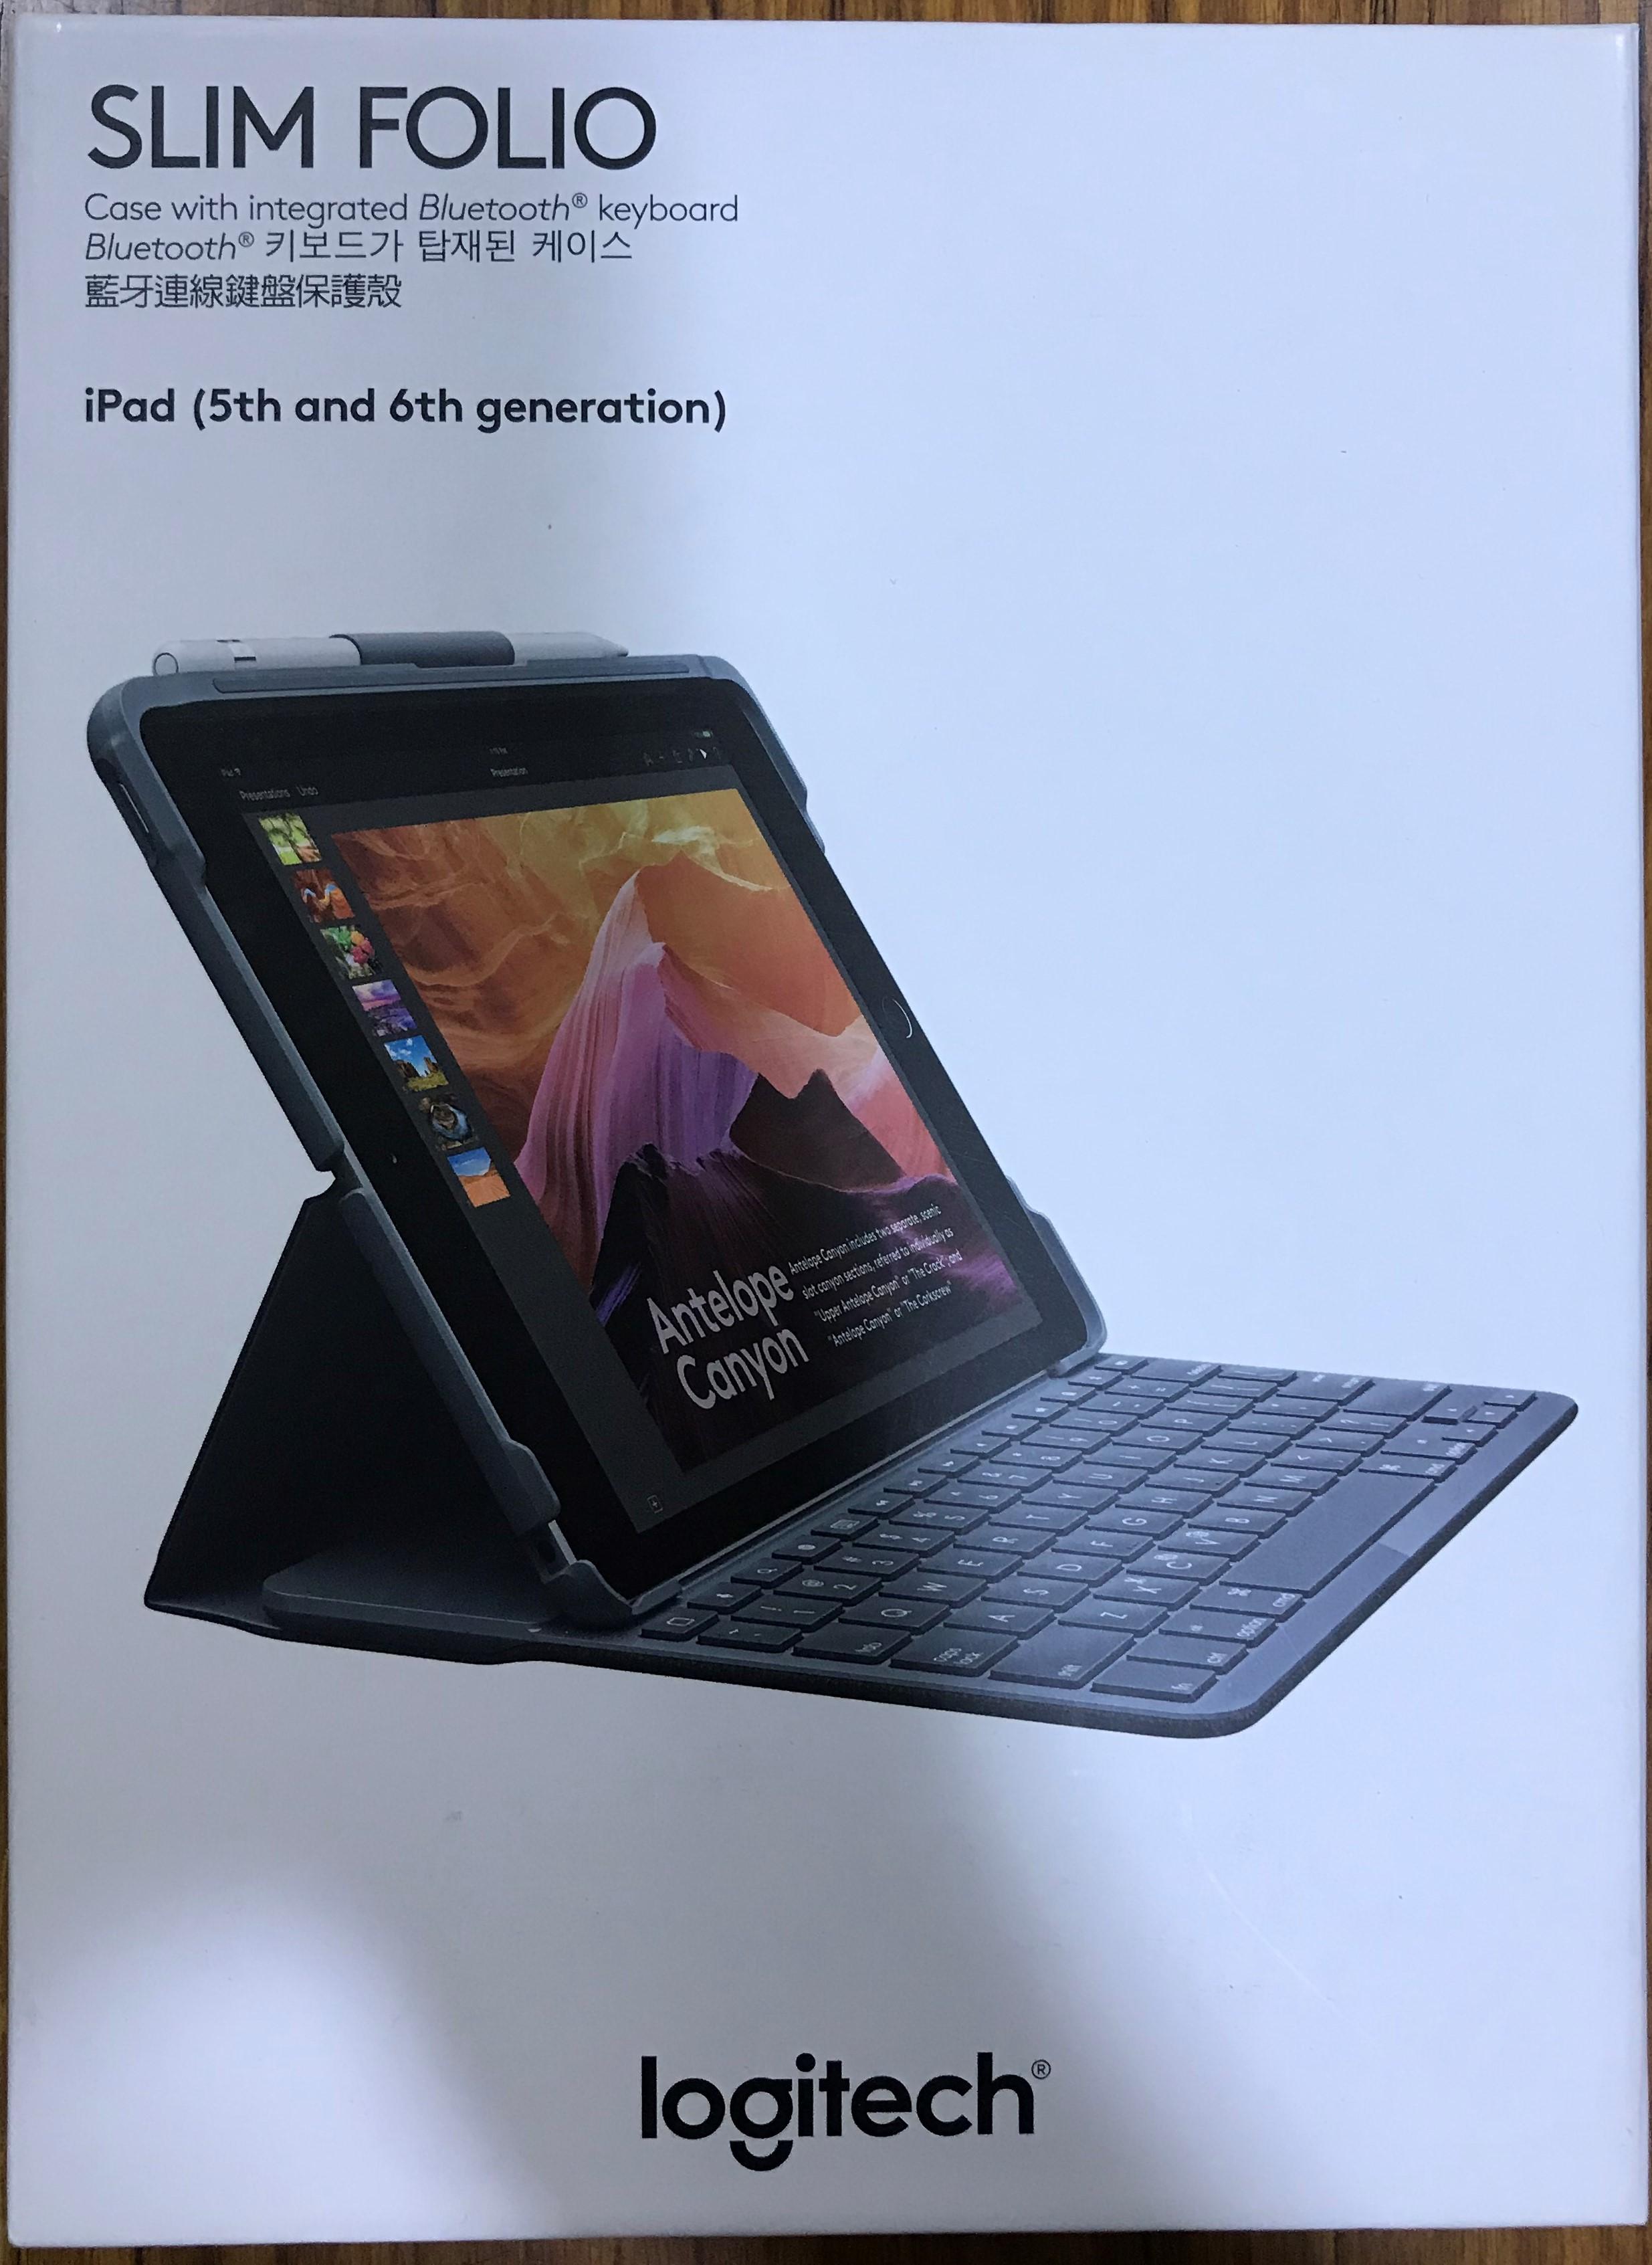 點子電腦☆北投@使用一週 Logitech 羅技 SLIM FOLIO iPad 5代6代 藍芽鍵盤 保護殼☆2550元